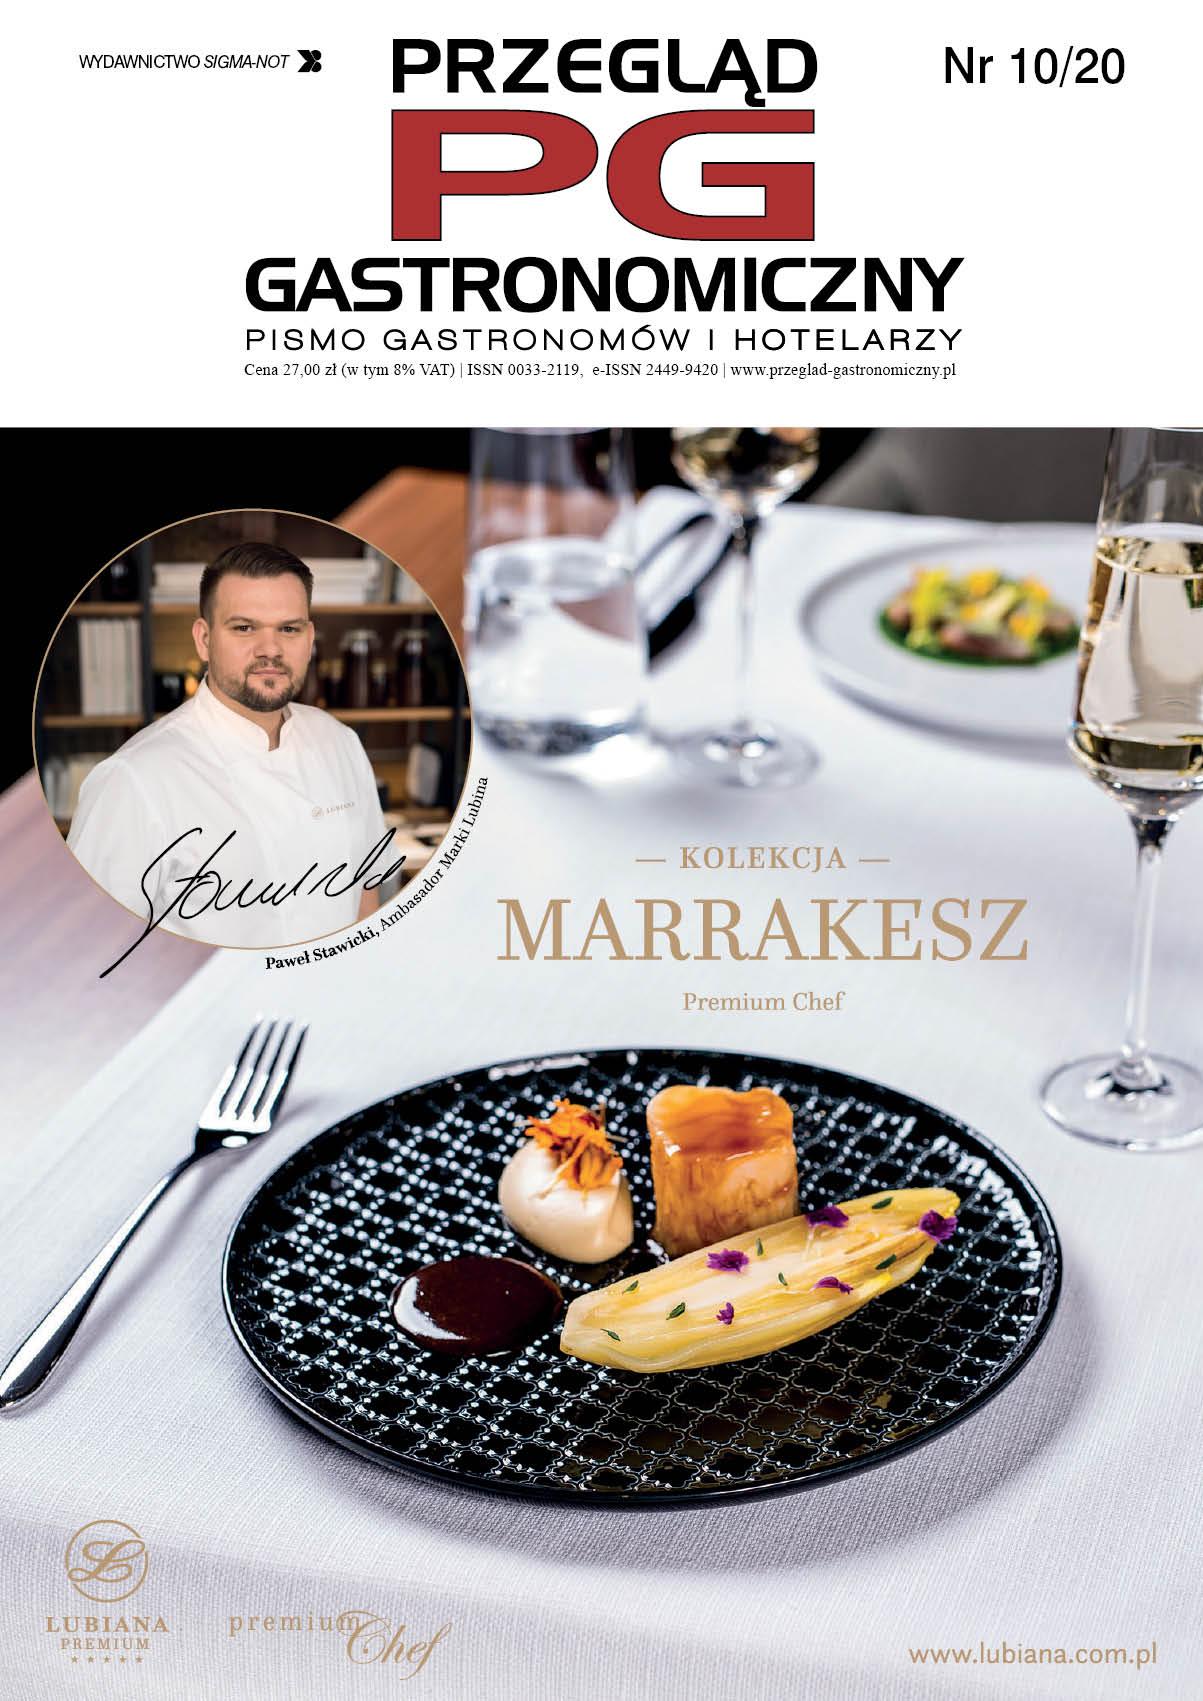 Przegląd Gastronomiczny 10.2020